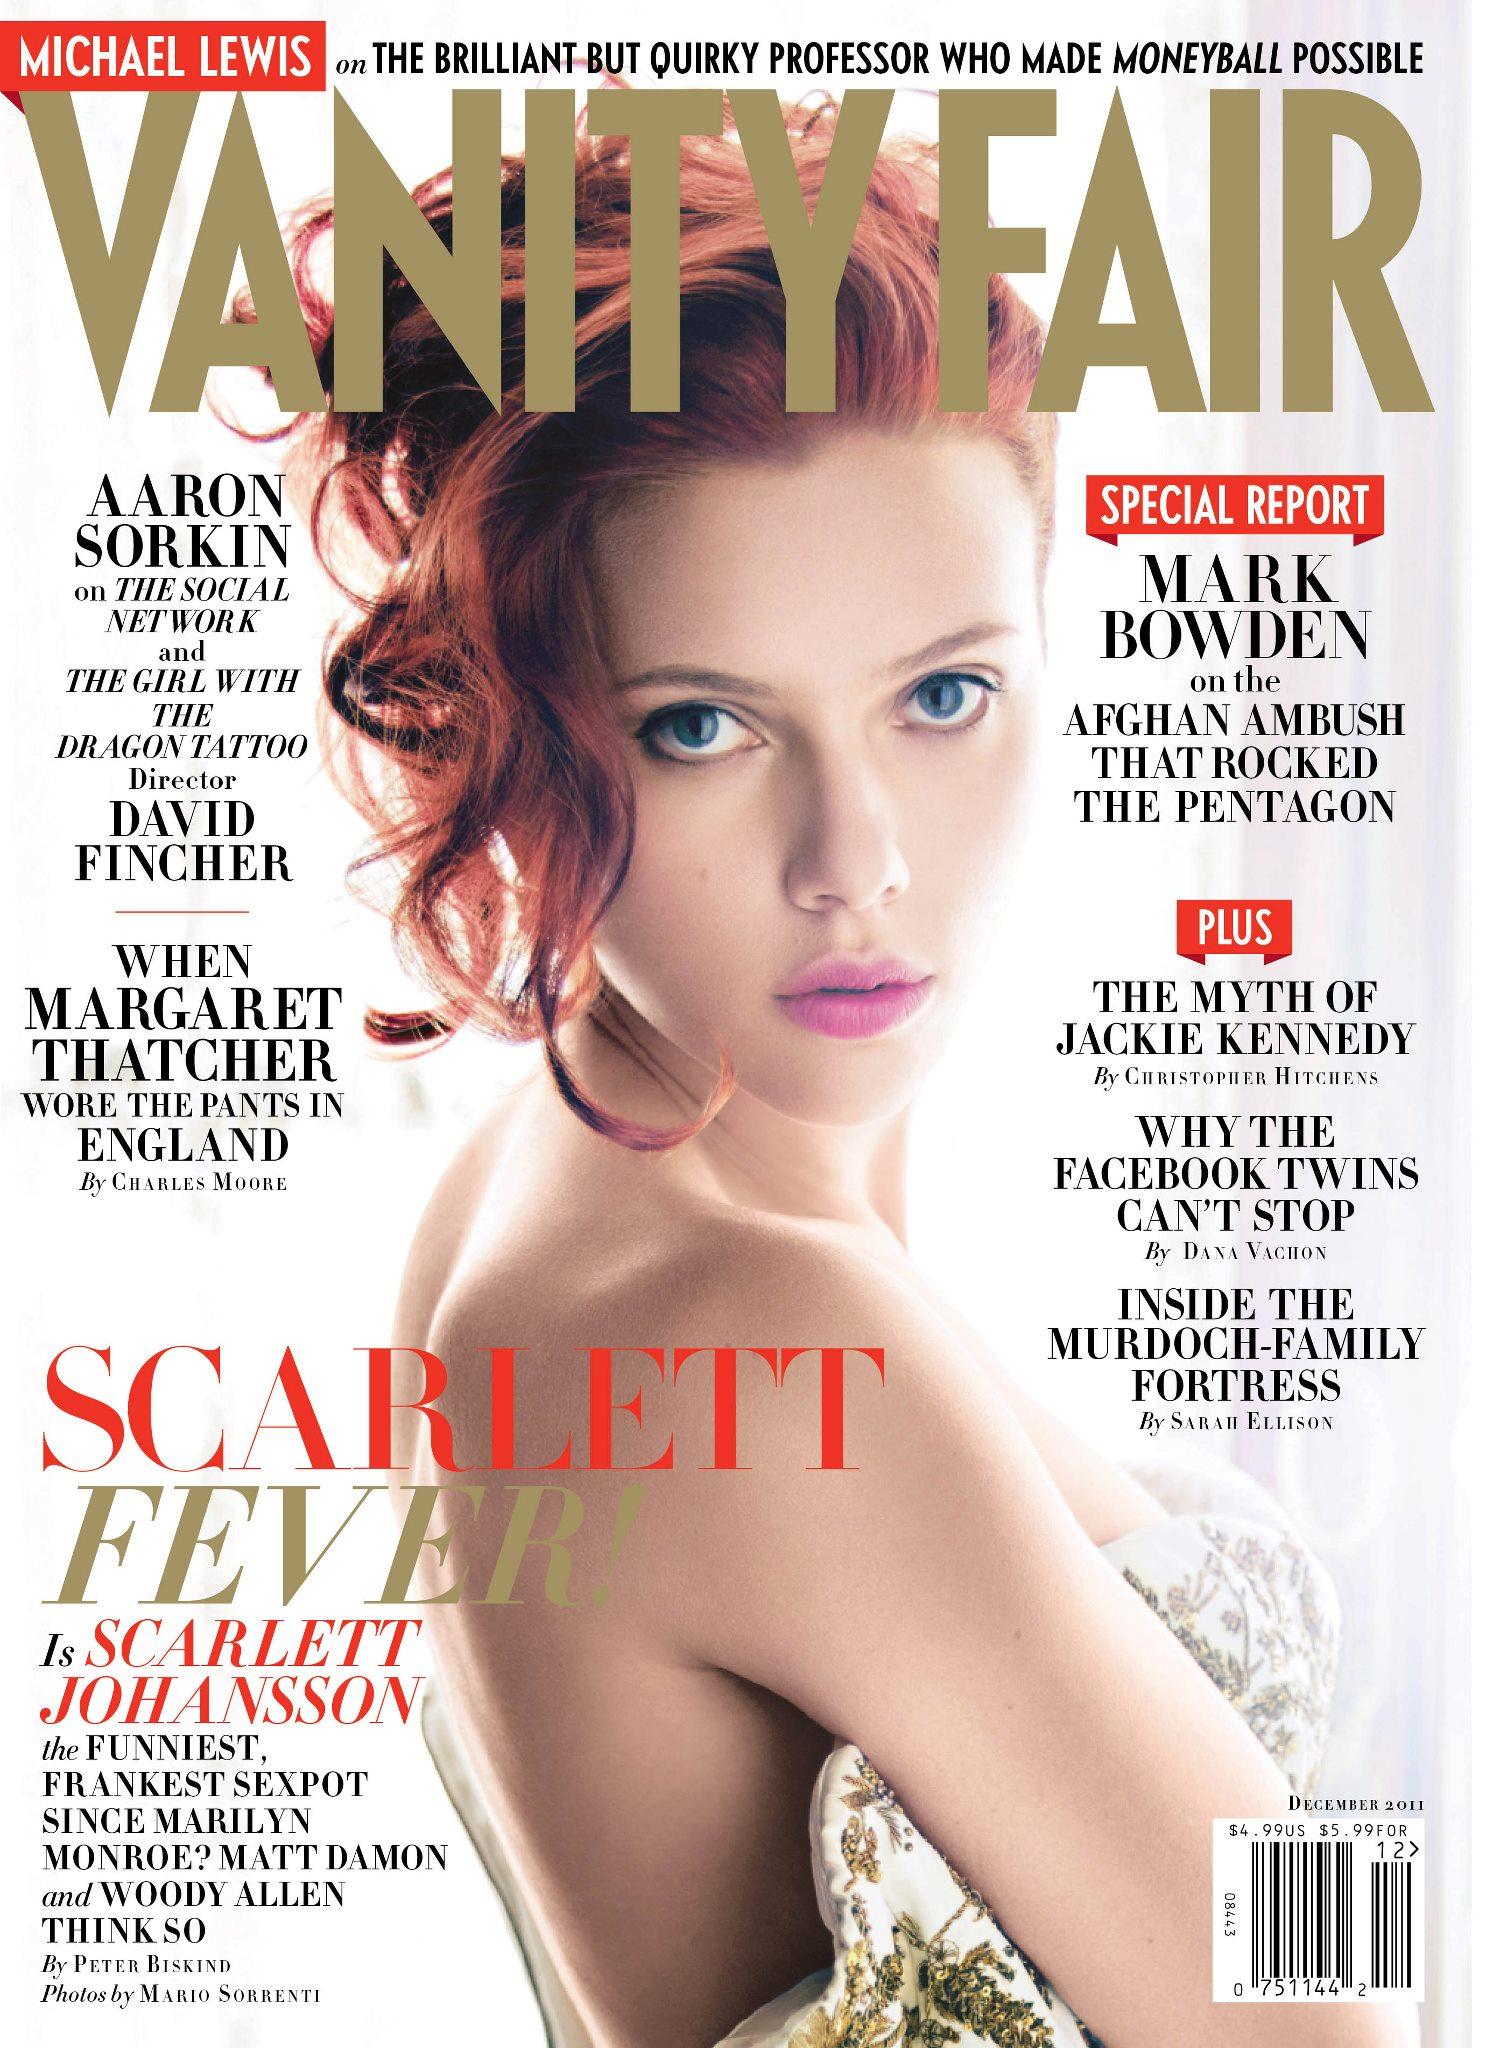 scarlett johansson naked vanity fair